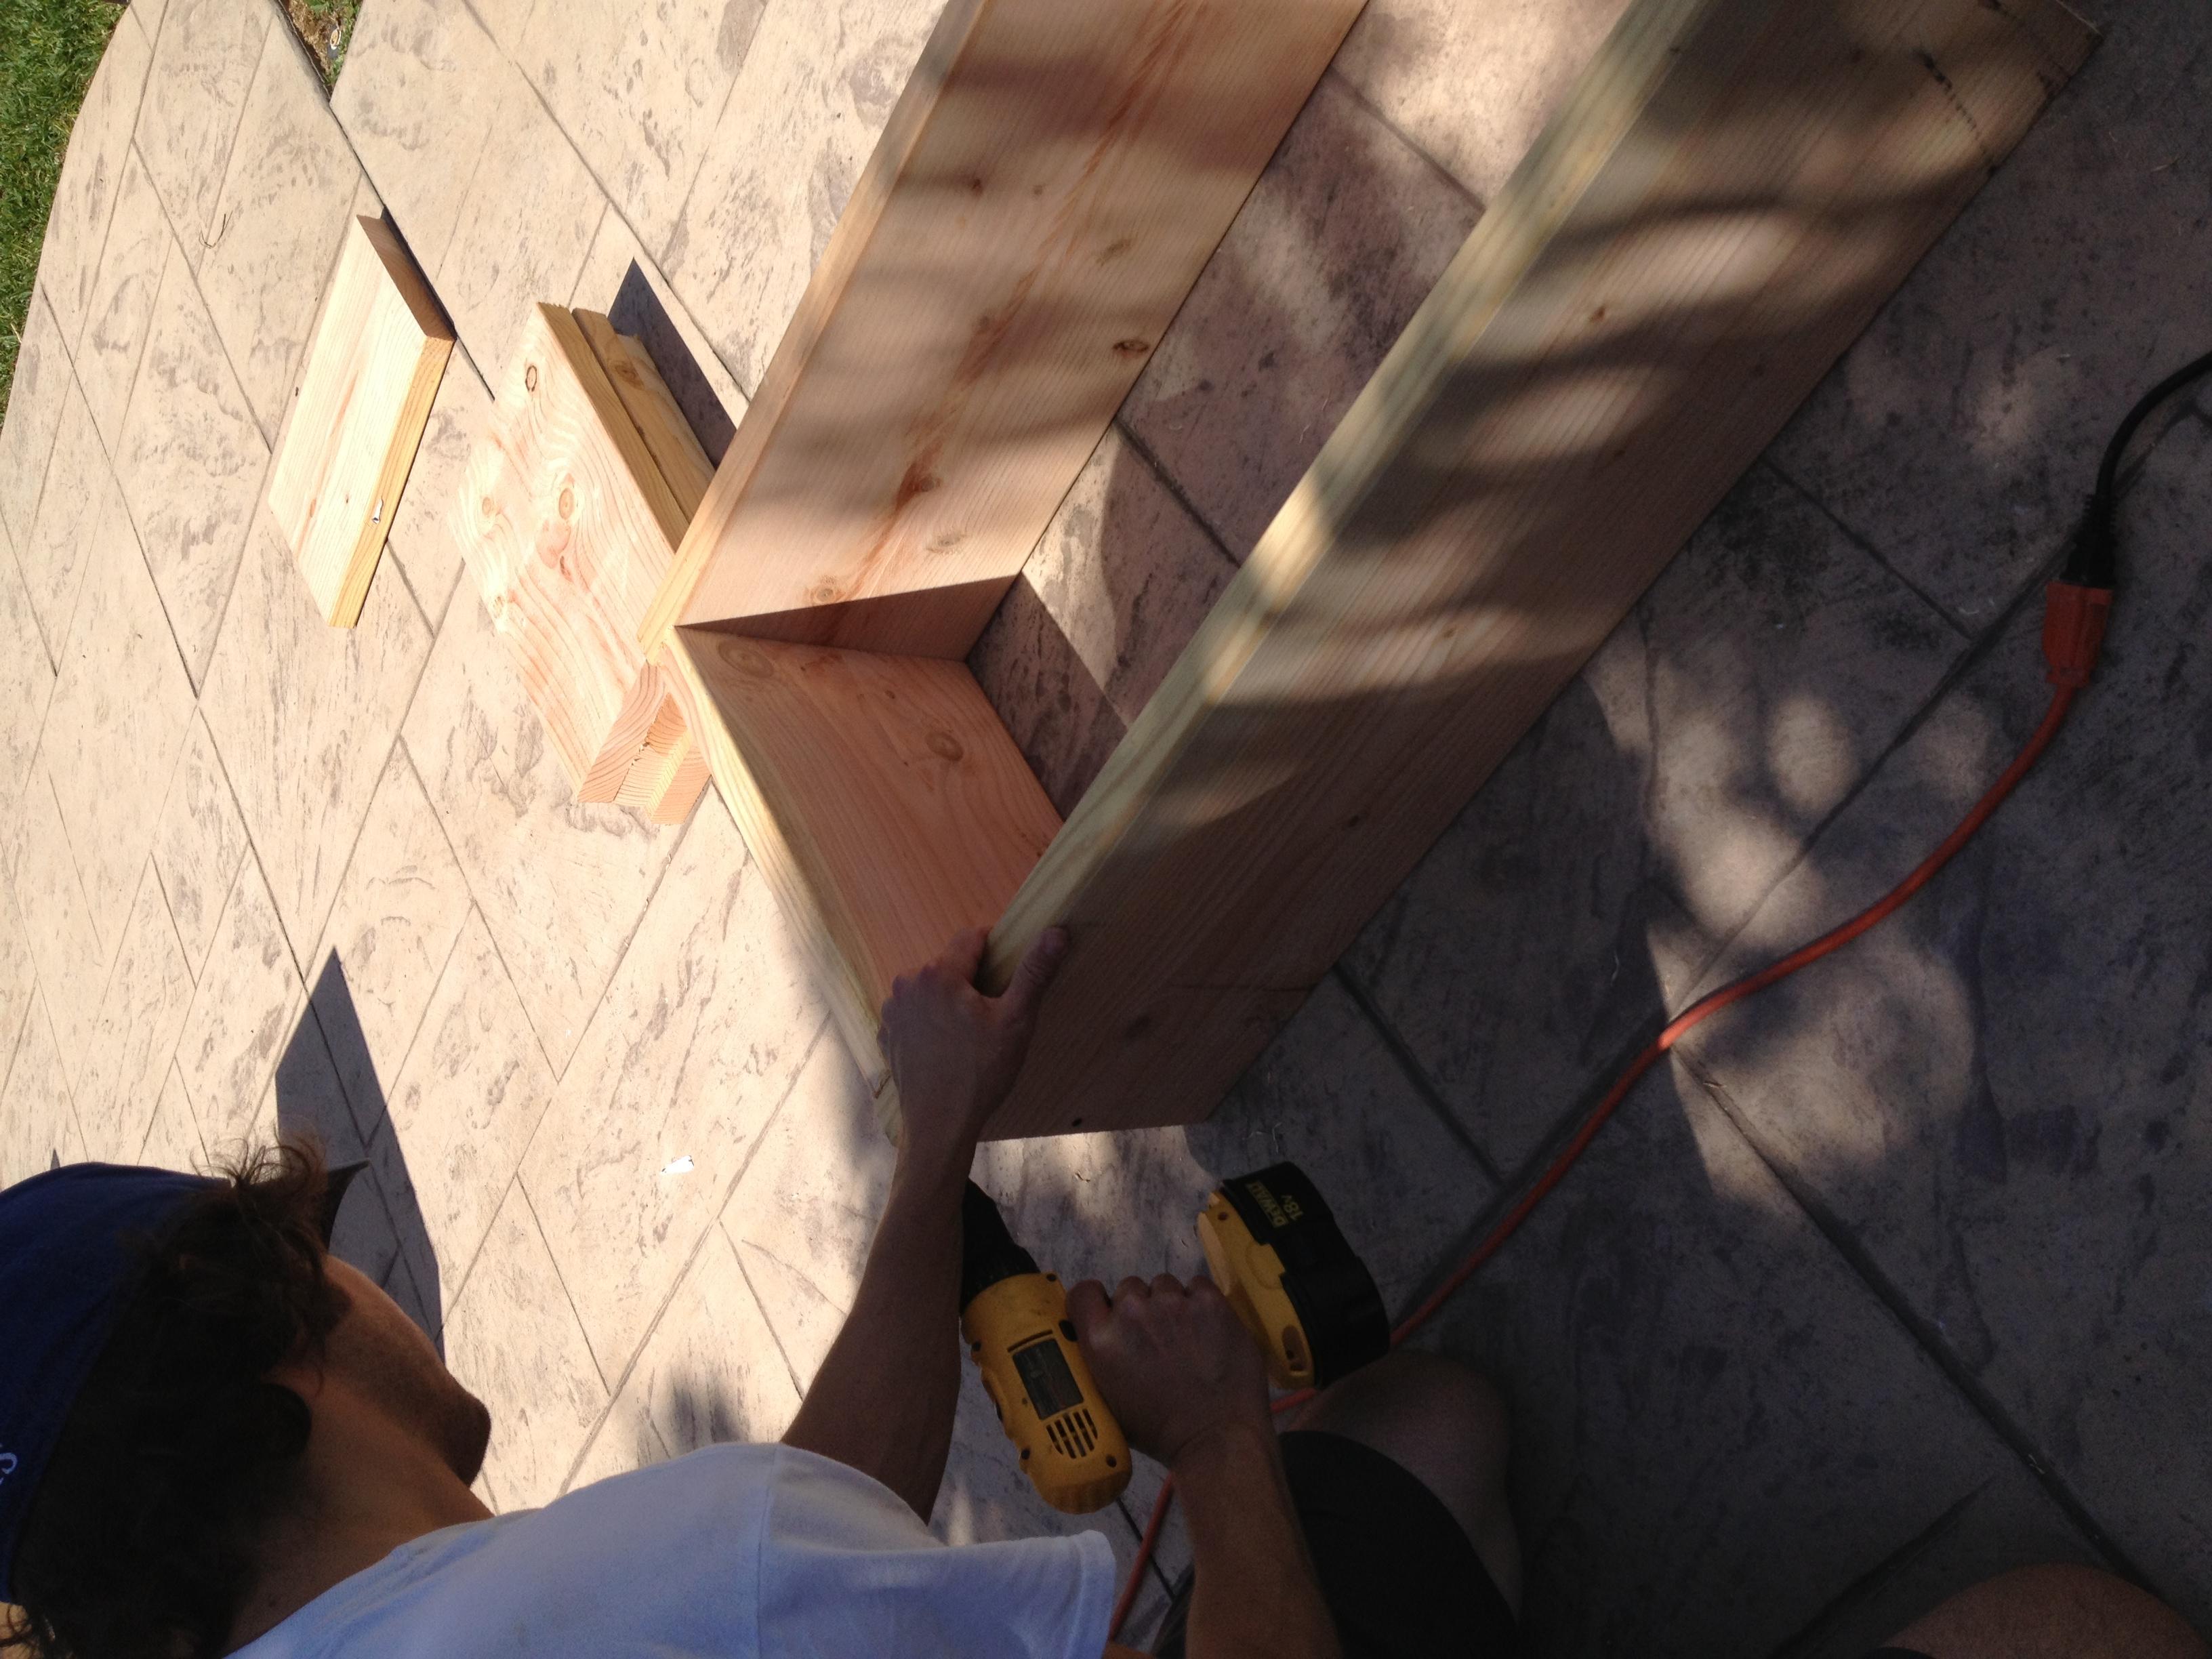 Jerk boxes pulling blocks jerk blocks heaveyduty.com